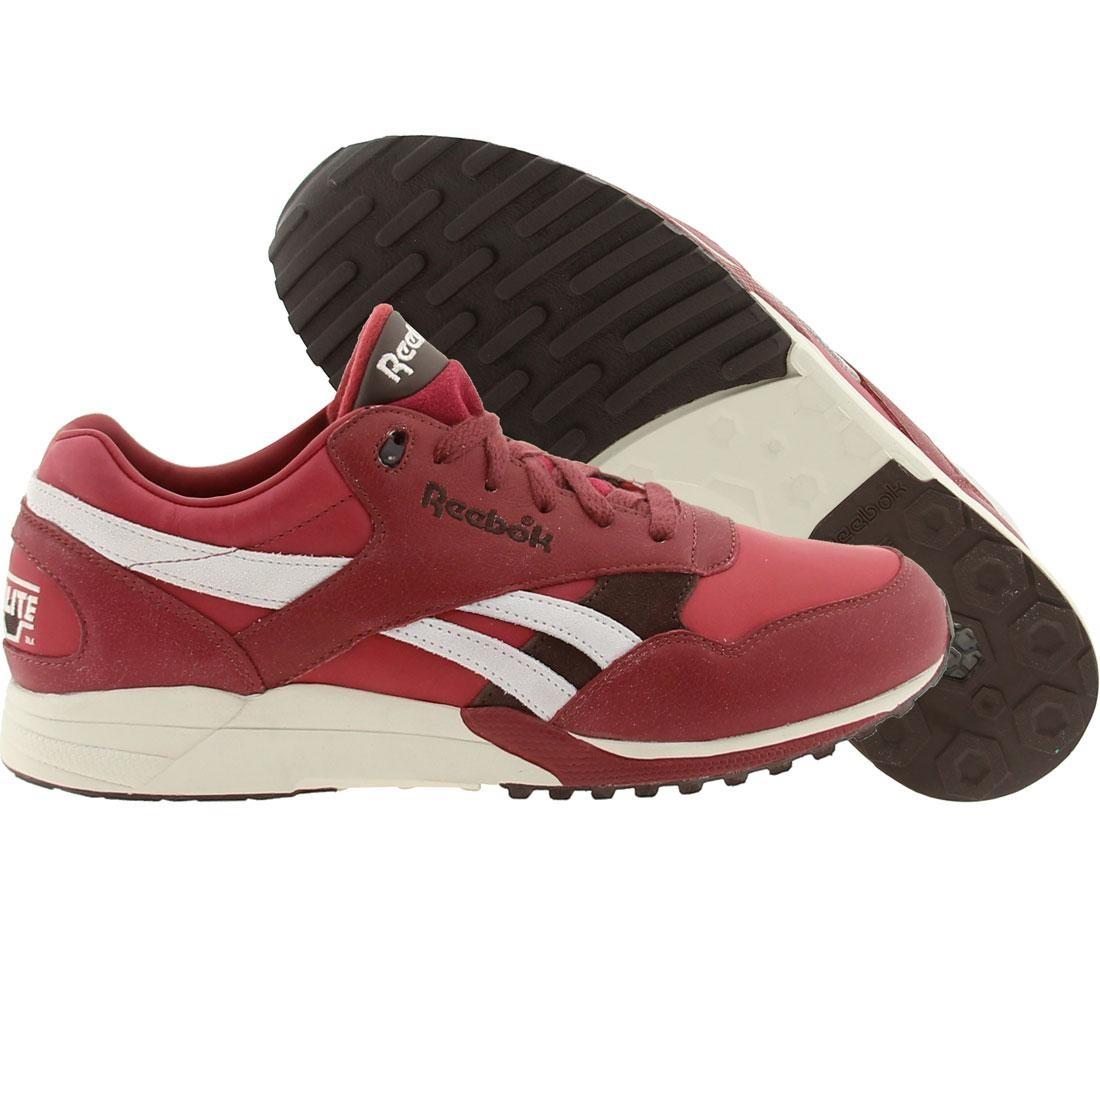 【スーパーセール商品 9/4 20:00-9/11 01:59迄】【海外限定】リーボック プレミアム 赤 レッド メンズ靴 靴 【 REEBOK PREMIUM RED MEN RACER X TRI SOAP EARTH 】